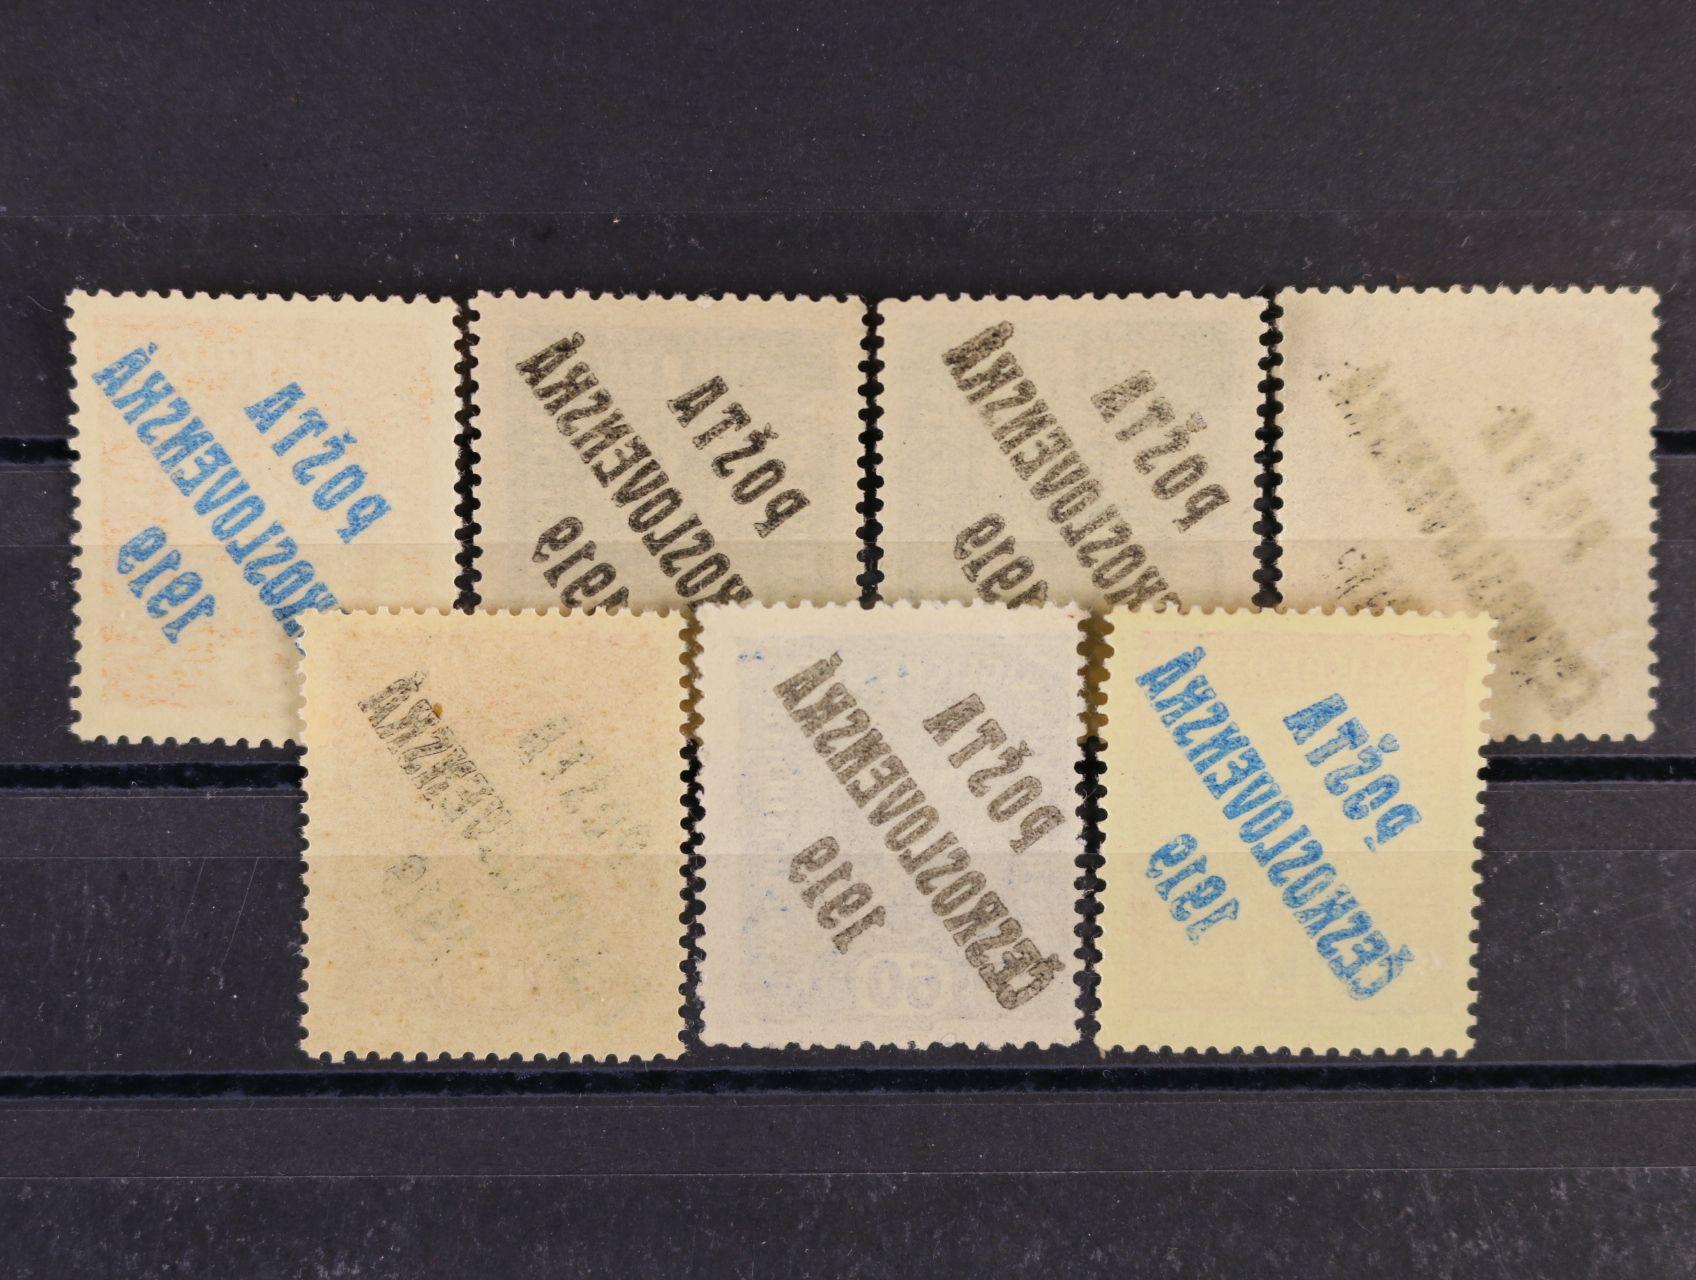 sestava zn. č. 35, 37 (typ I + typ II), 38 (typ I + typ II), 44, 47, vše s obtiskem přetisku, kat. cena 1300 Kč